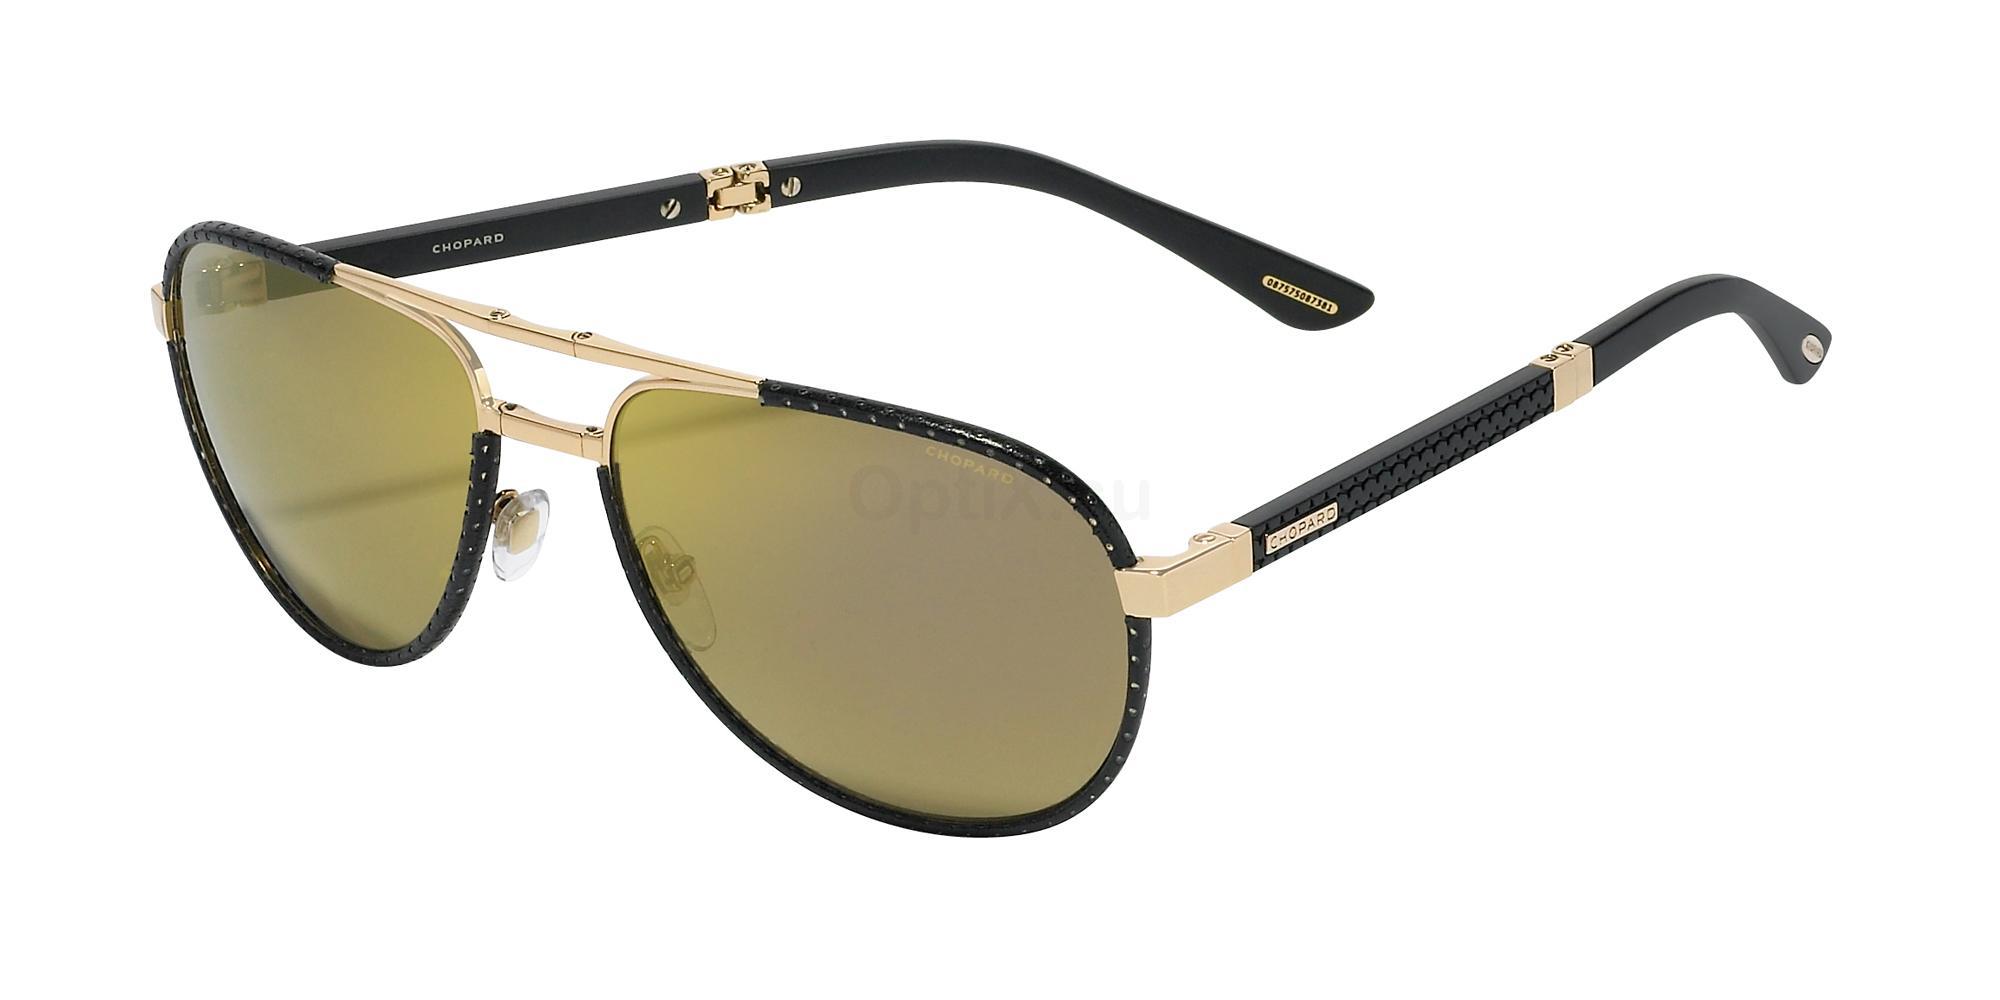 300P SCHB81V MILLE MIGLIA COLLECTION Sunglasses, Chopard